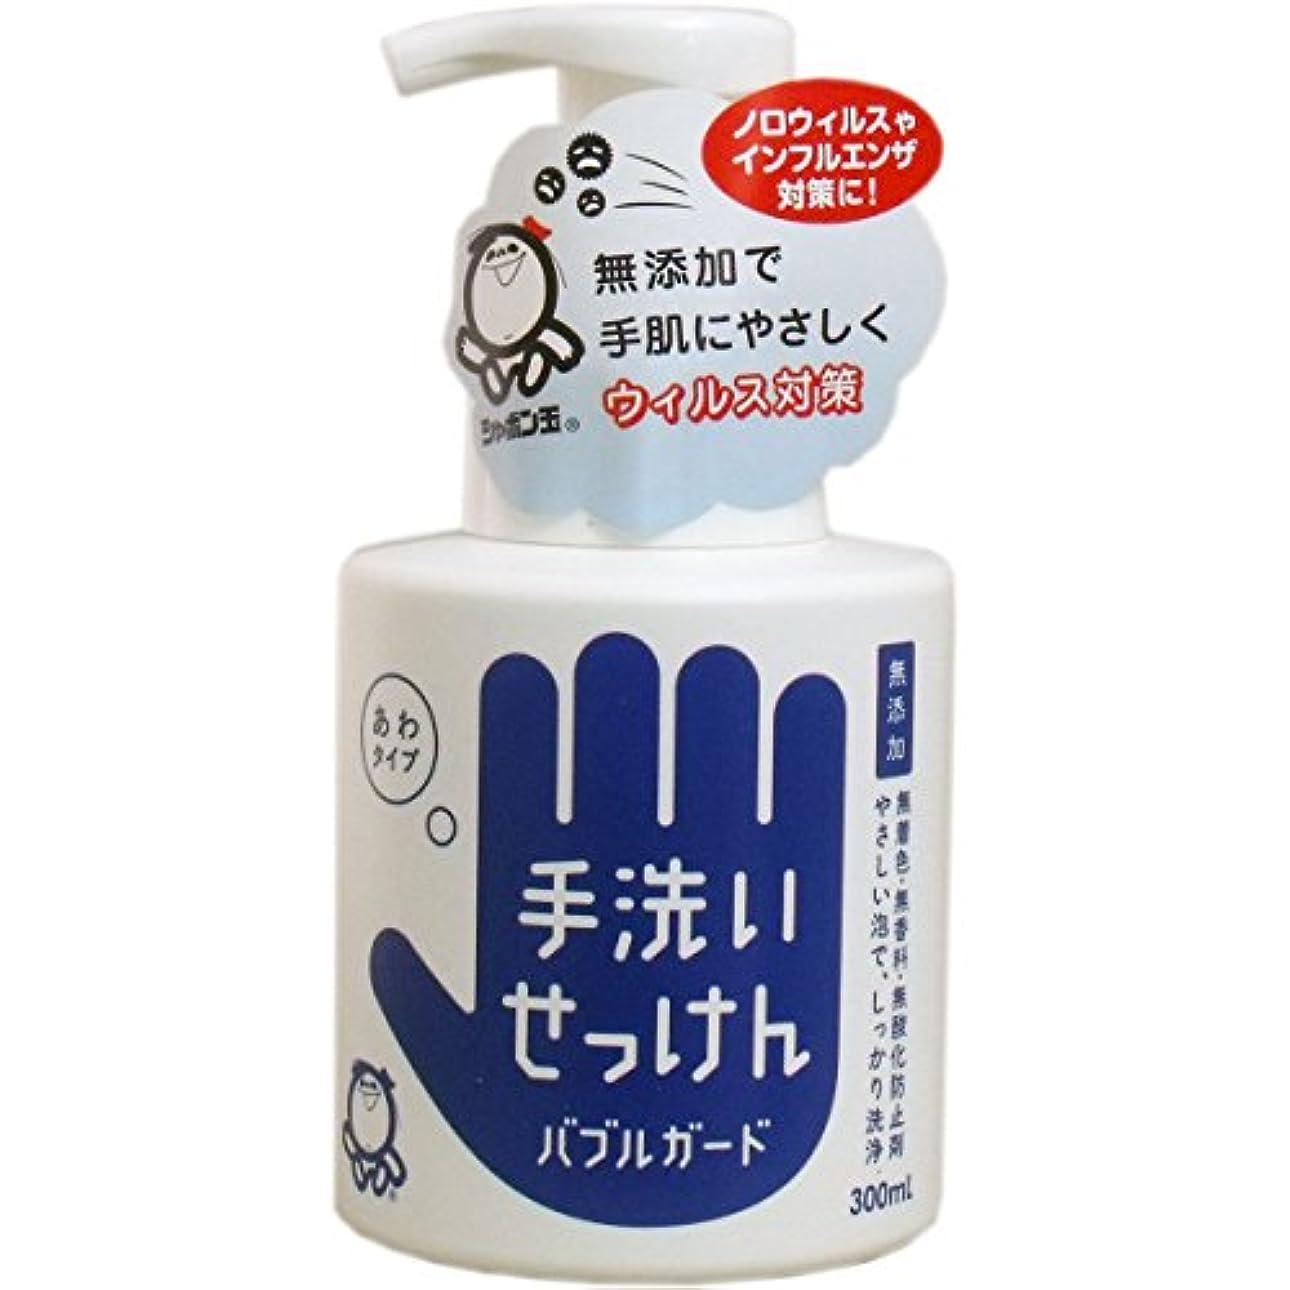 発疹楽しむヒゲ【まとめ買い】バブルガード ×2セット